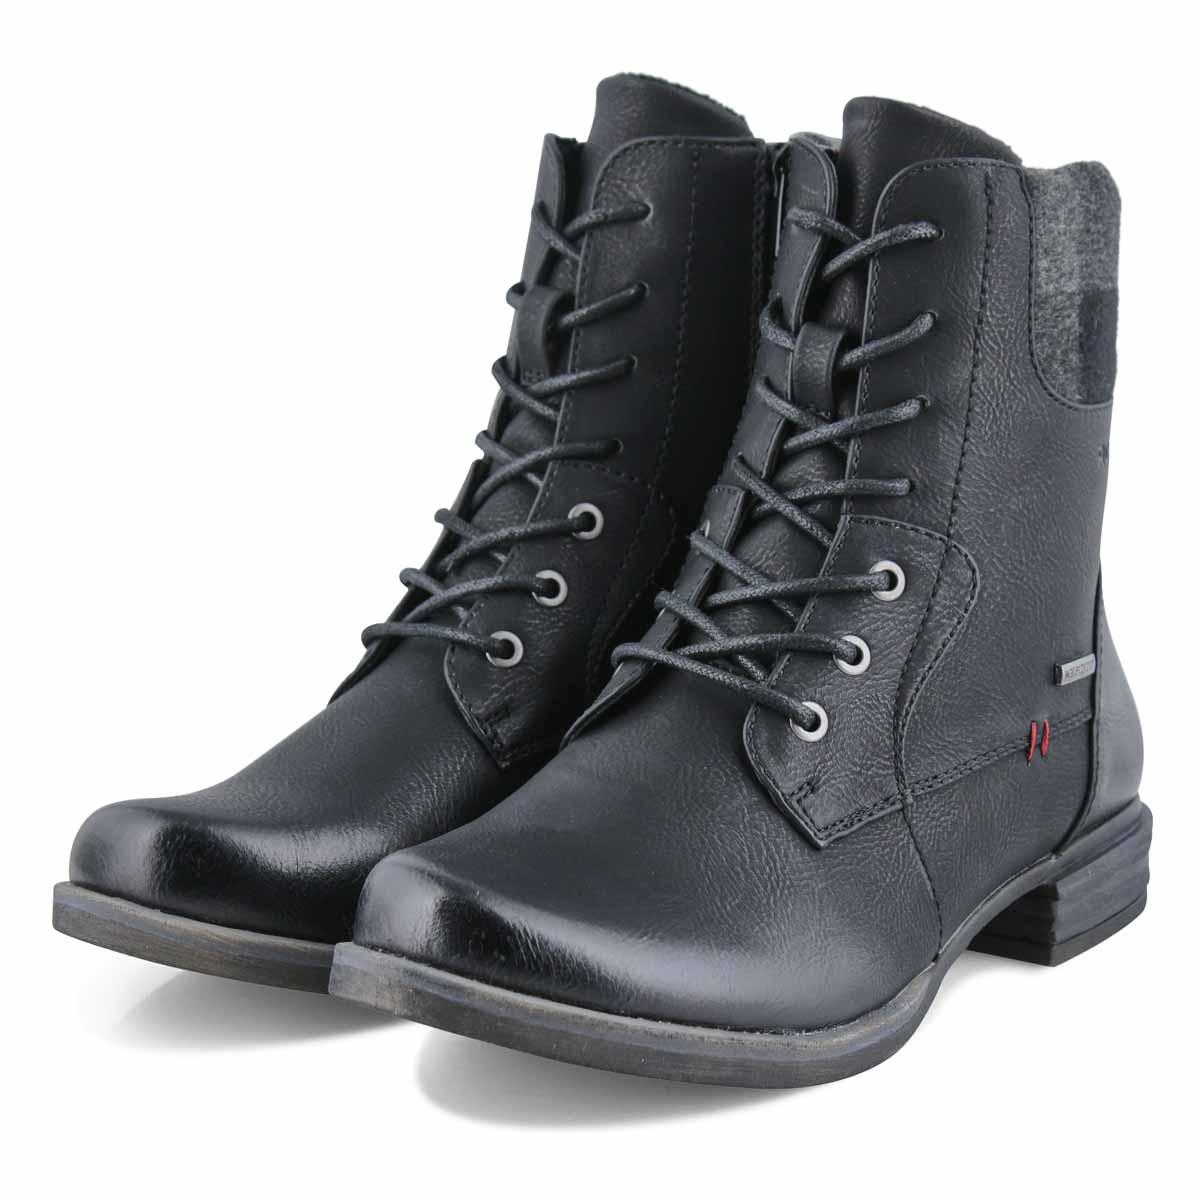 Bottes militaires VENUS 36, noir, femmes